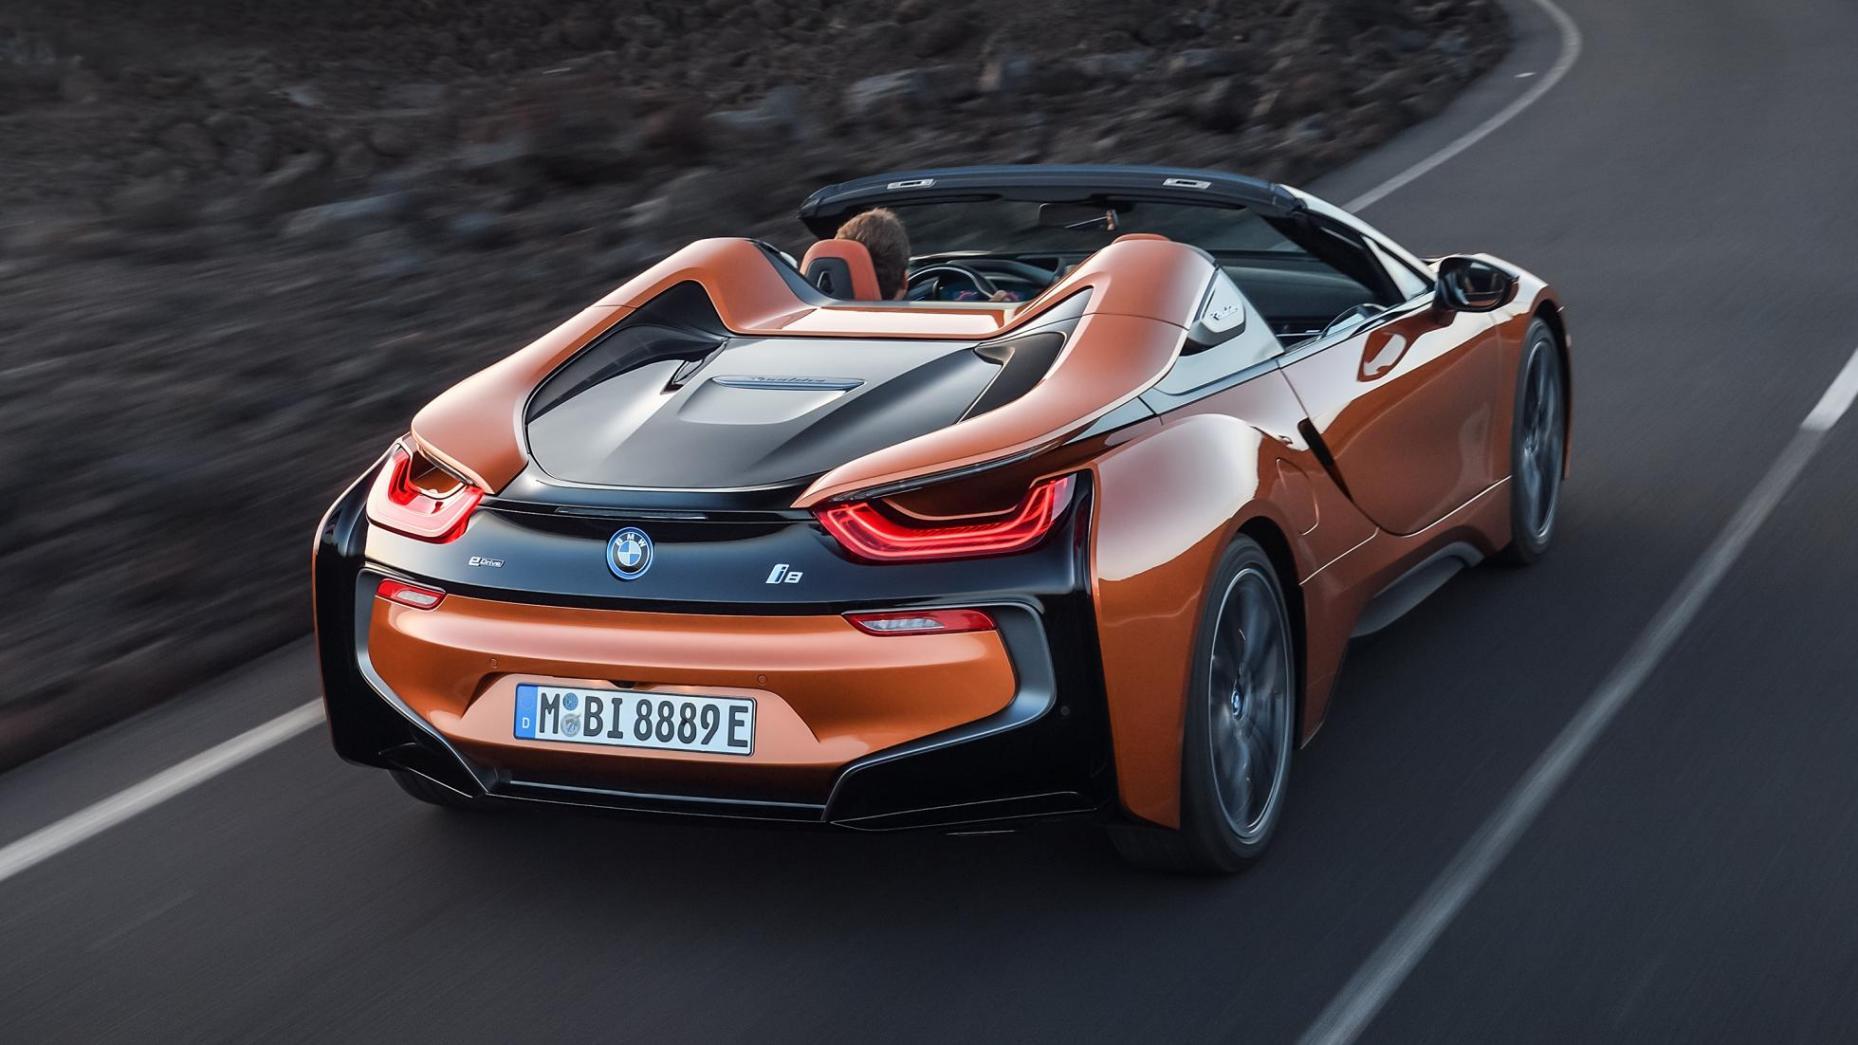 10 خودروی الکتریکی که در 2018 به هیجانتان خواهد آورد